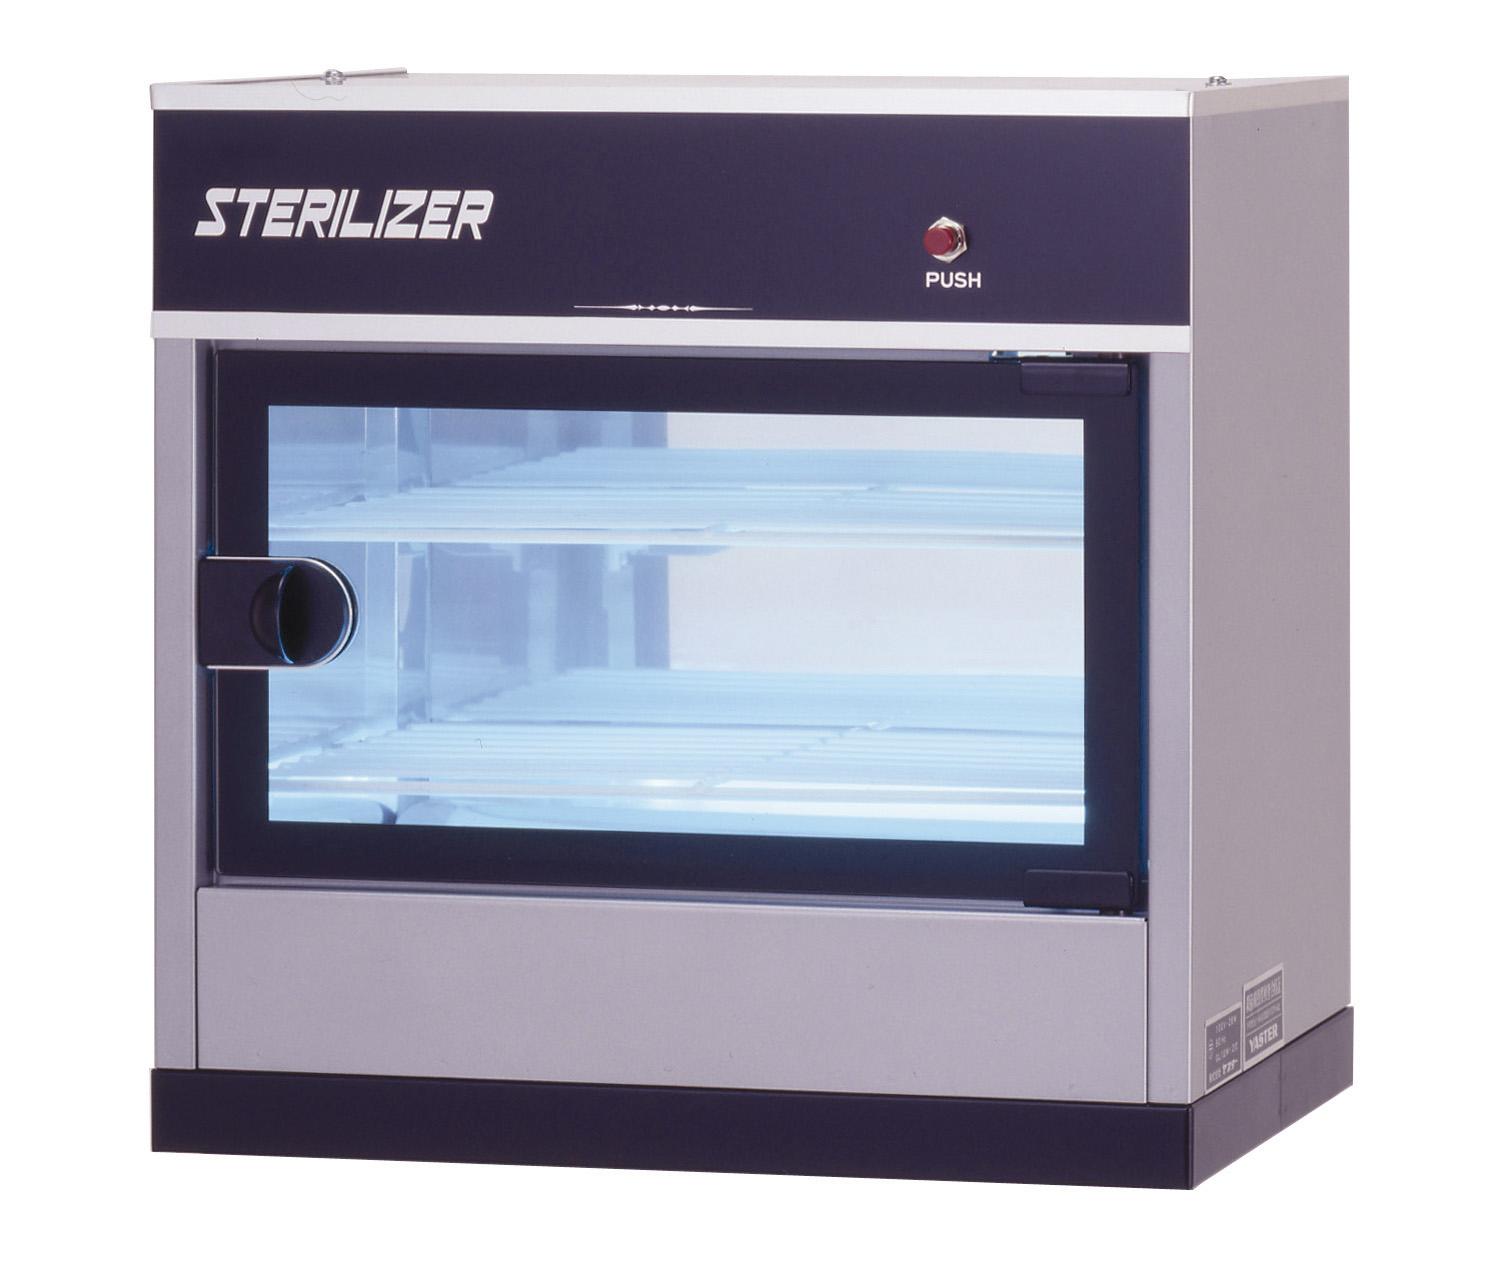 殺菌線消毒機 卓上型 スーパーエース200X